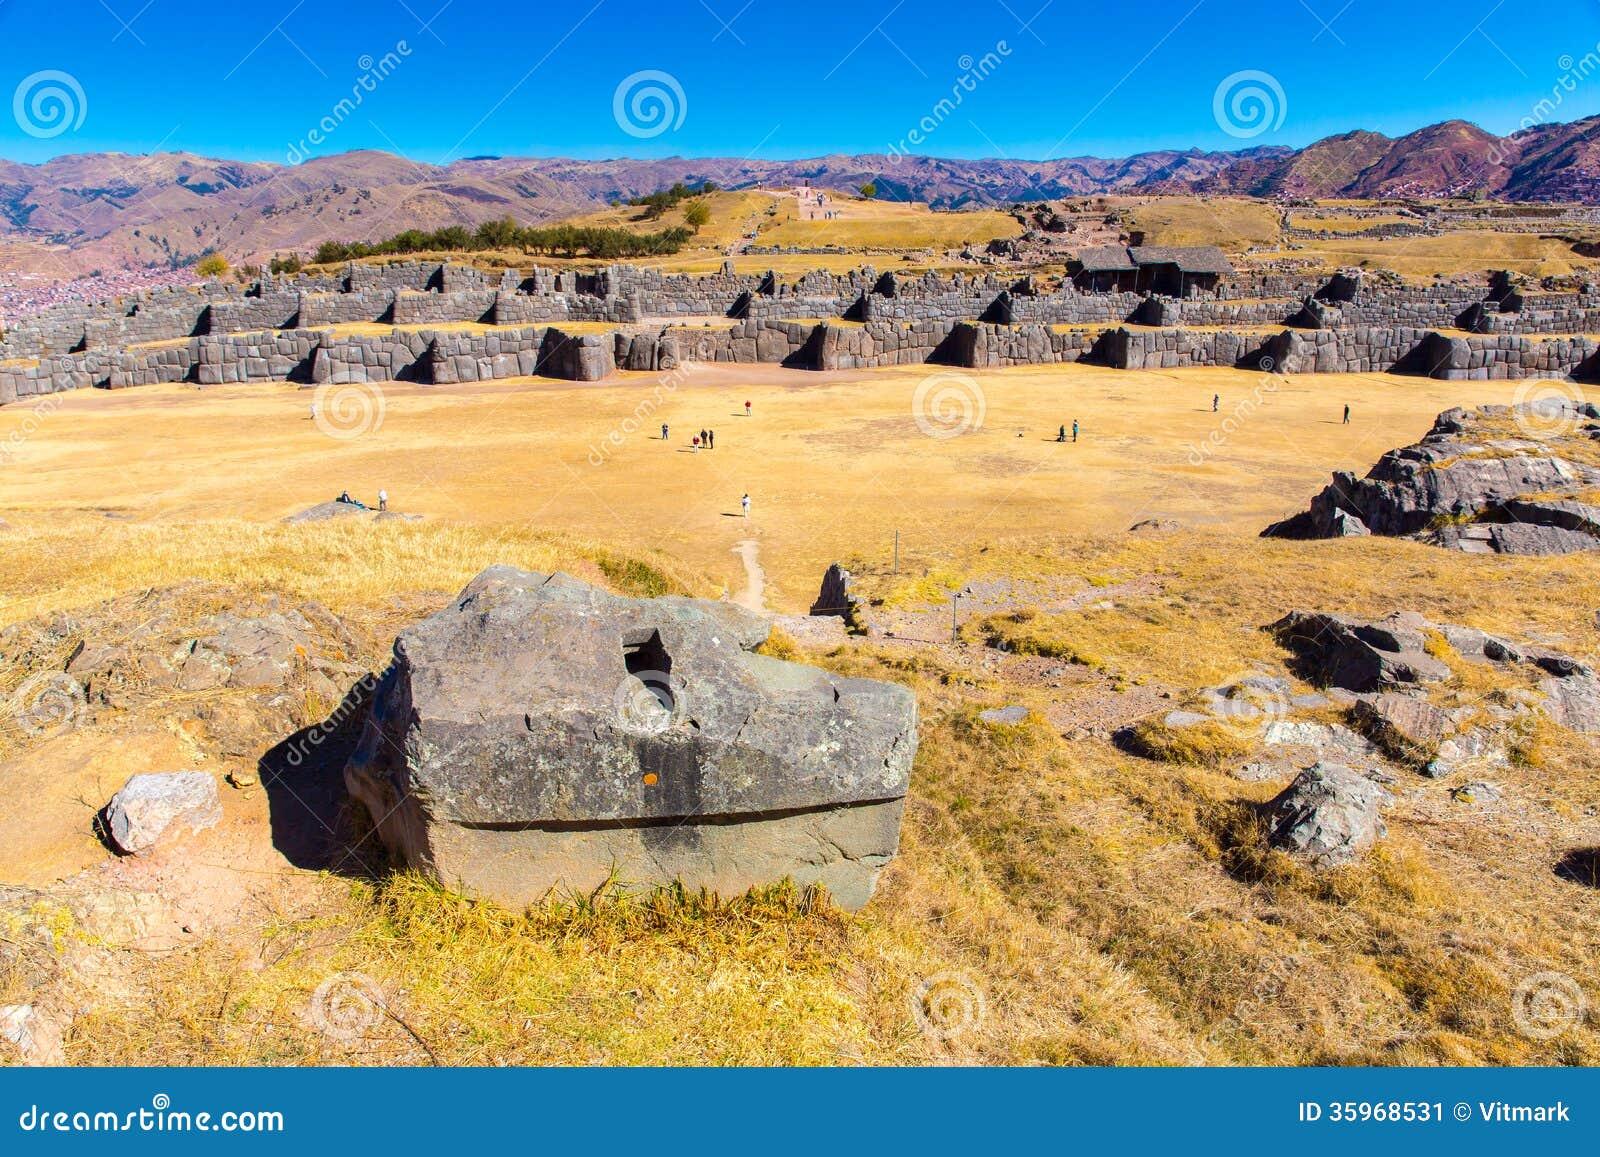 Inca Ruins - Saqsaywaman, Perú, Suramérica. Complejo arqueológico, Cuzco. Ejemplo de la albañilería poligonal